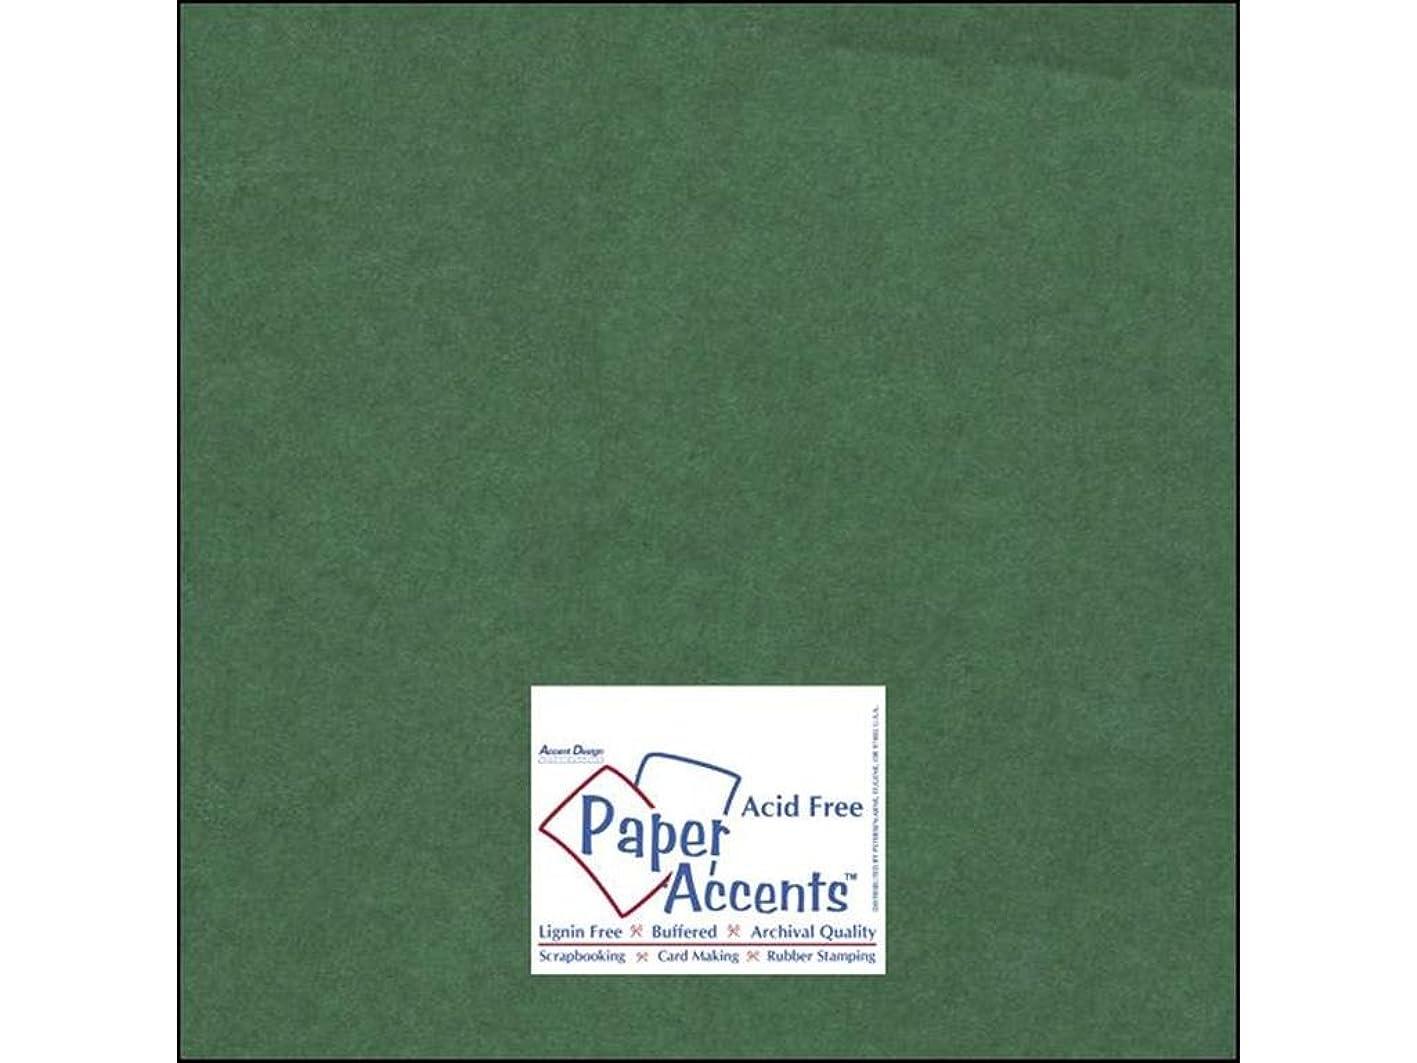 Accent Design Paper Accents Cdstk Muslin 12x12 74# Grass Green sdljtmxrdtp188